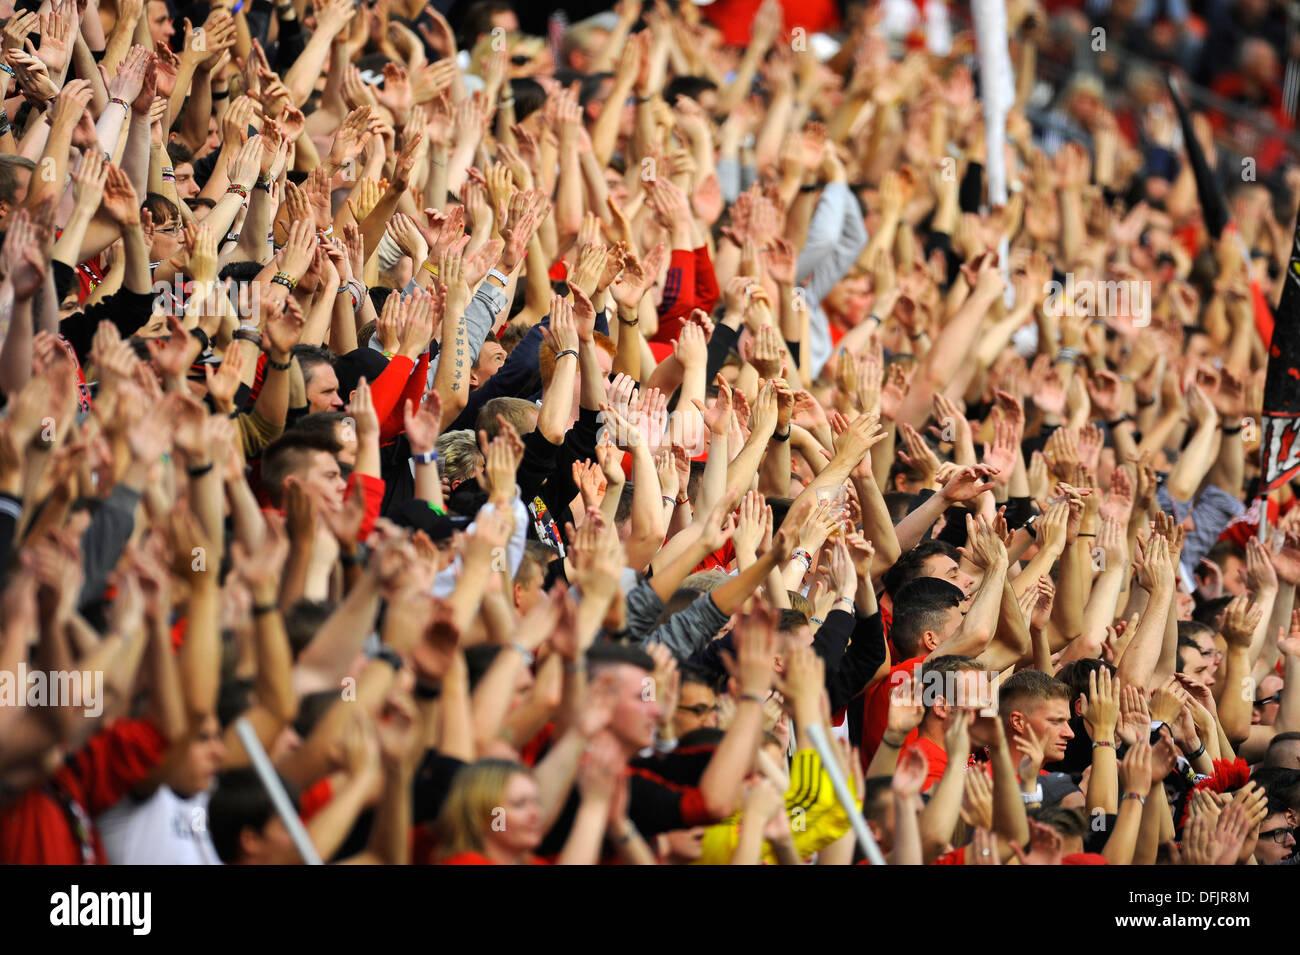 Fans der deutschen Fußball-Bundesligisten Bayer 04 Leverkusen erheben ihre Hände im support Stockbild